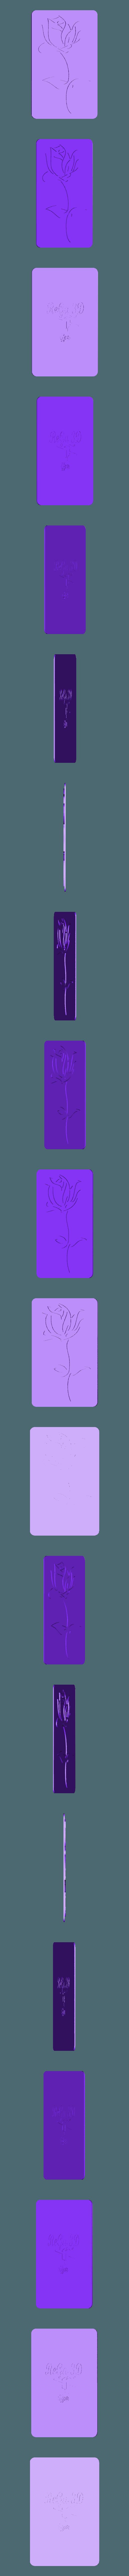 Rosa.stl Download free STL file Pink 2D • 3D printing template, ReGa